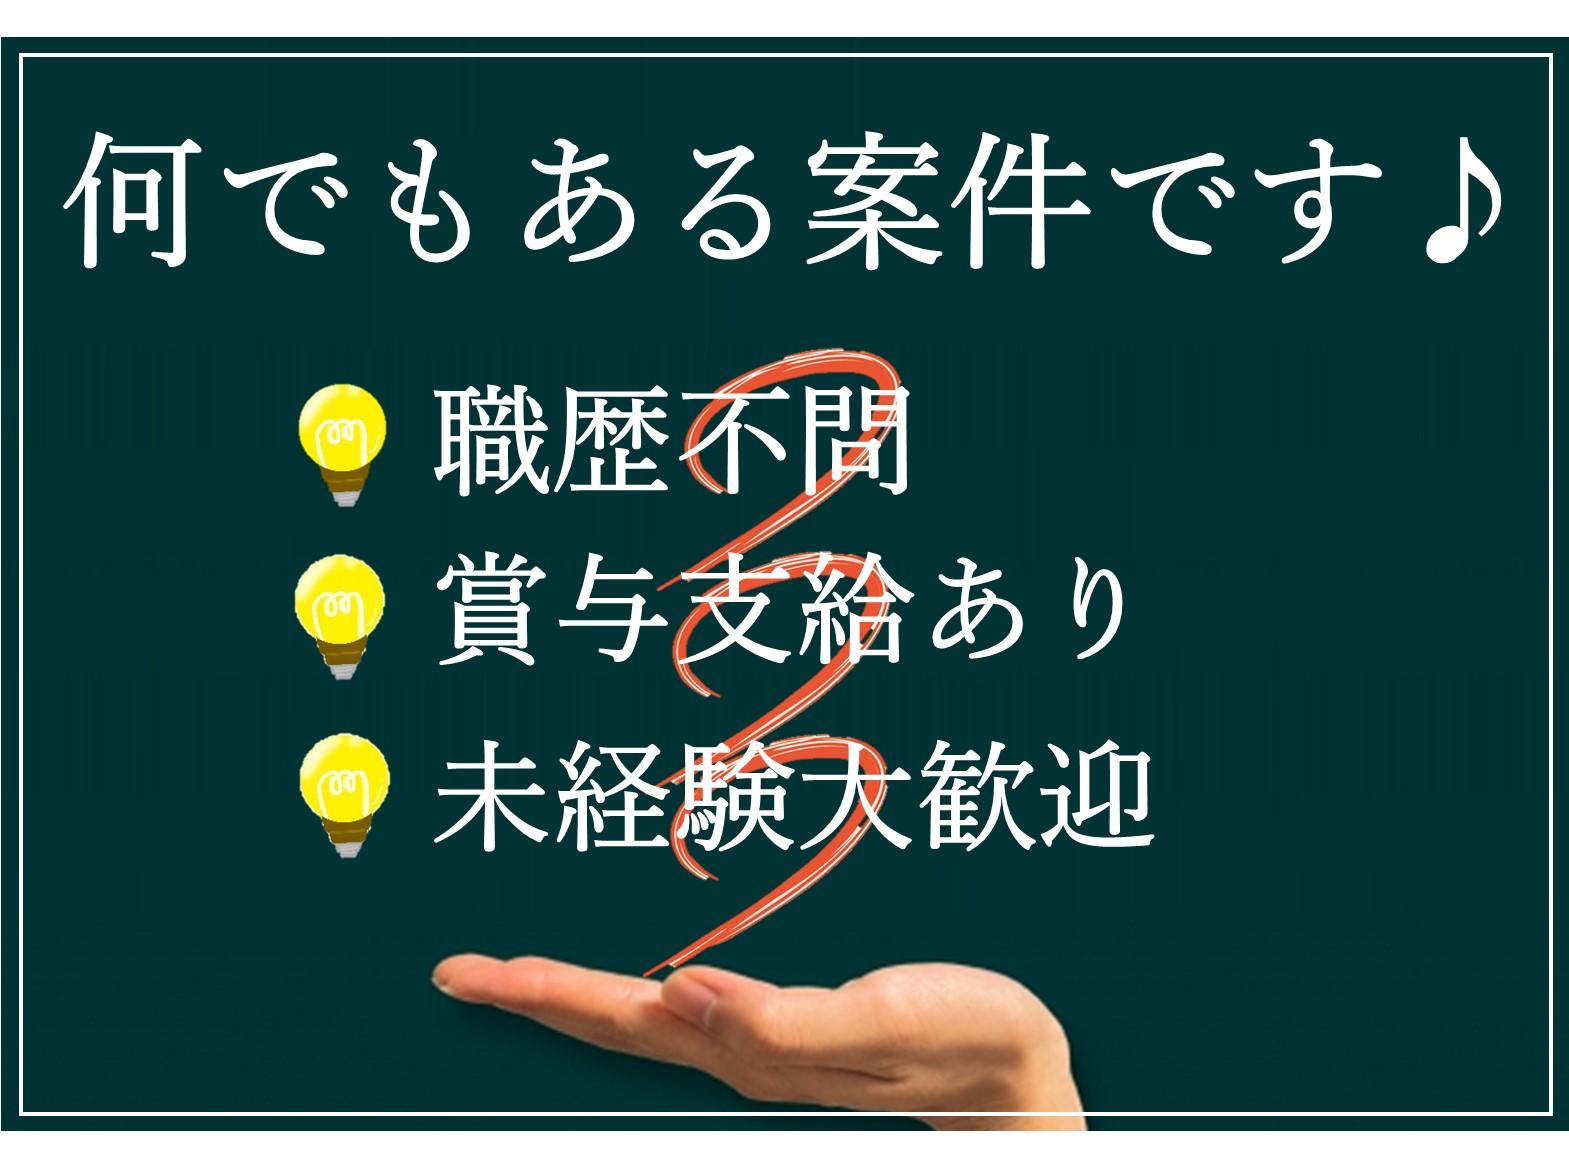 丁寧な指導あり・初心者大歓迎!老人ホームで介護業務(愛知県豊橋市) イメージ